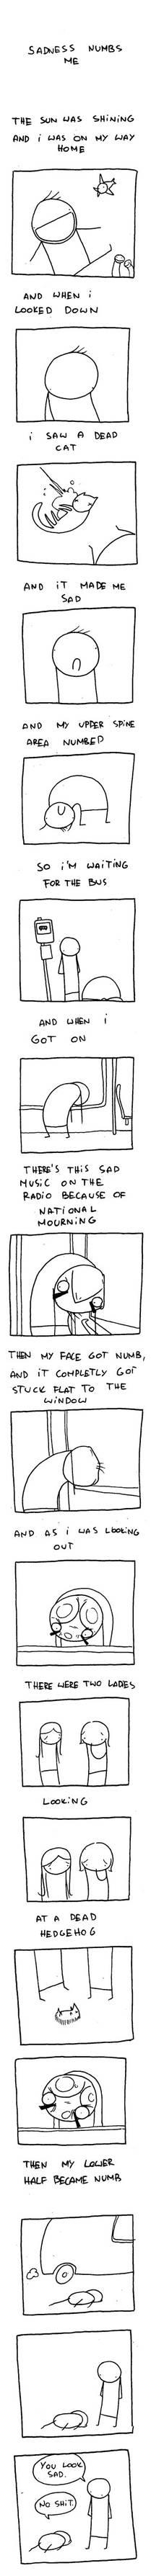 sadness numbs me